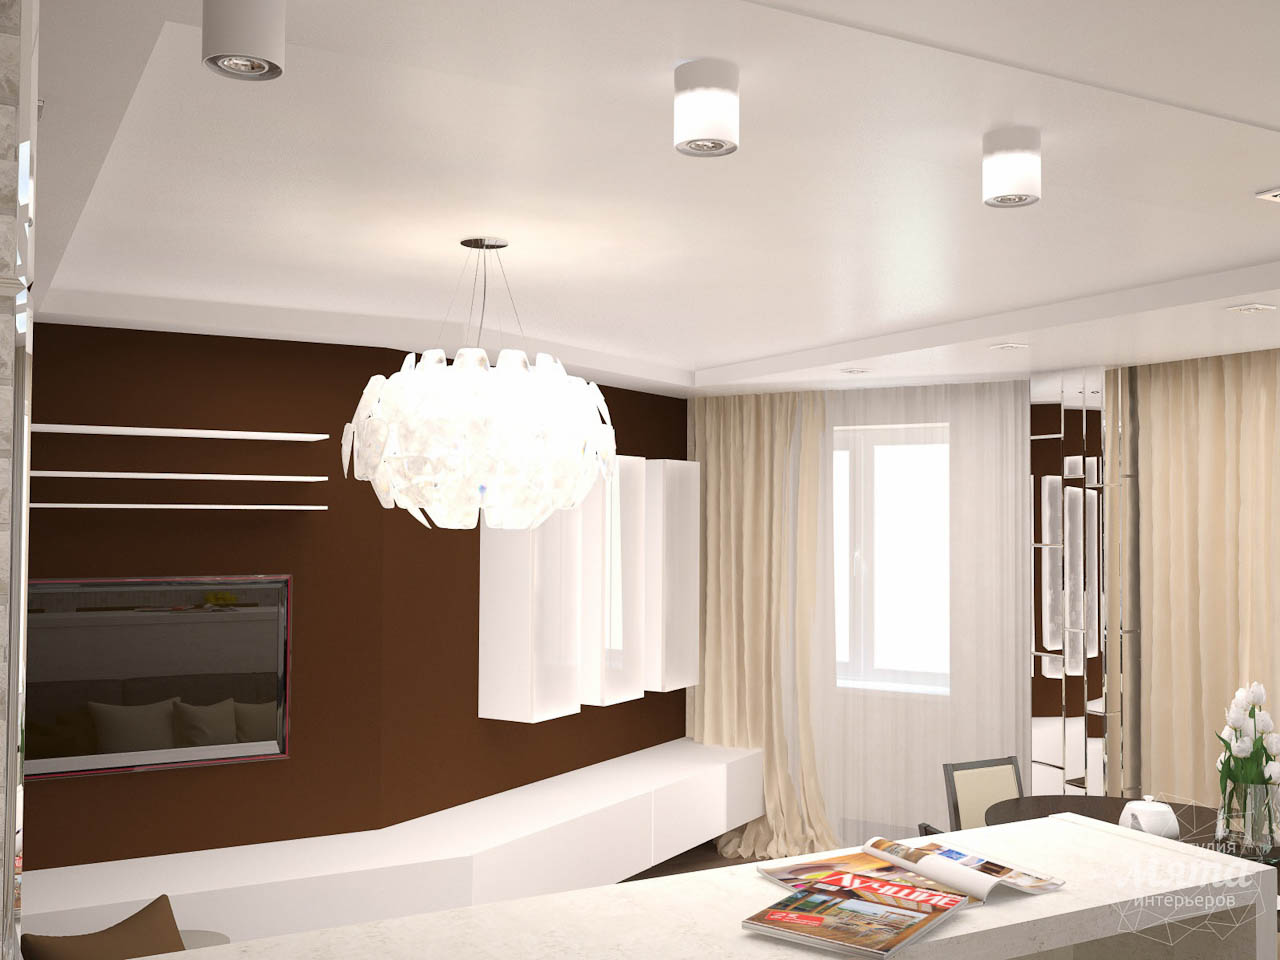 Дизайн интерьера трехкомнатной квартиры по ул. Белинского 222 img505502449